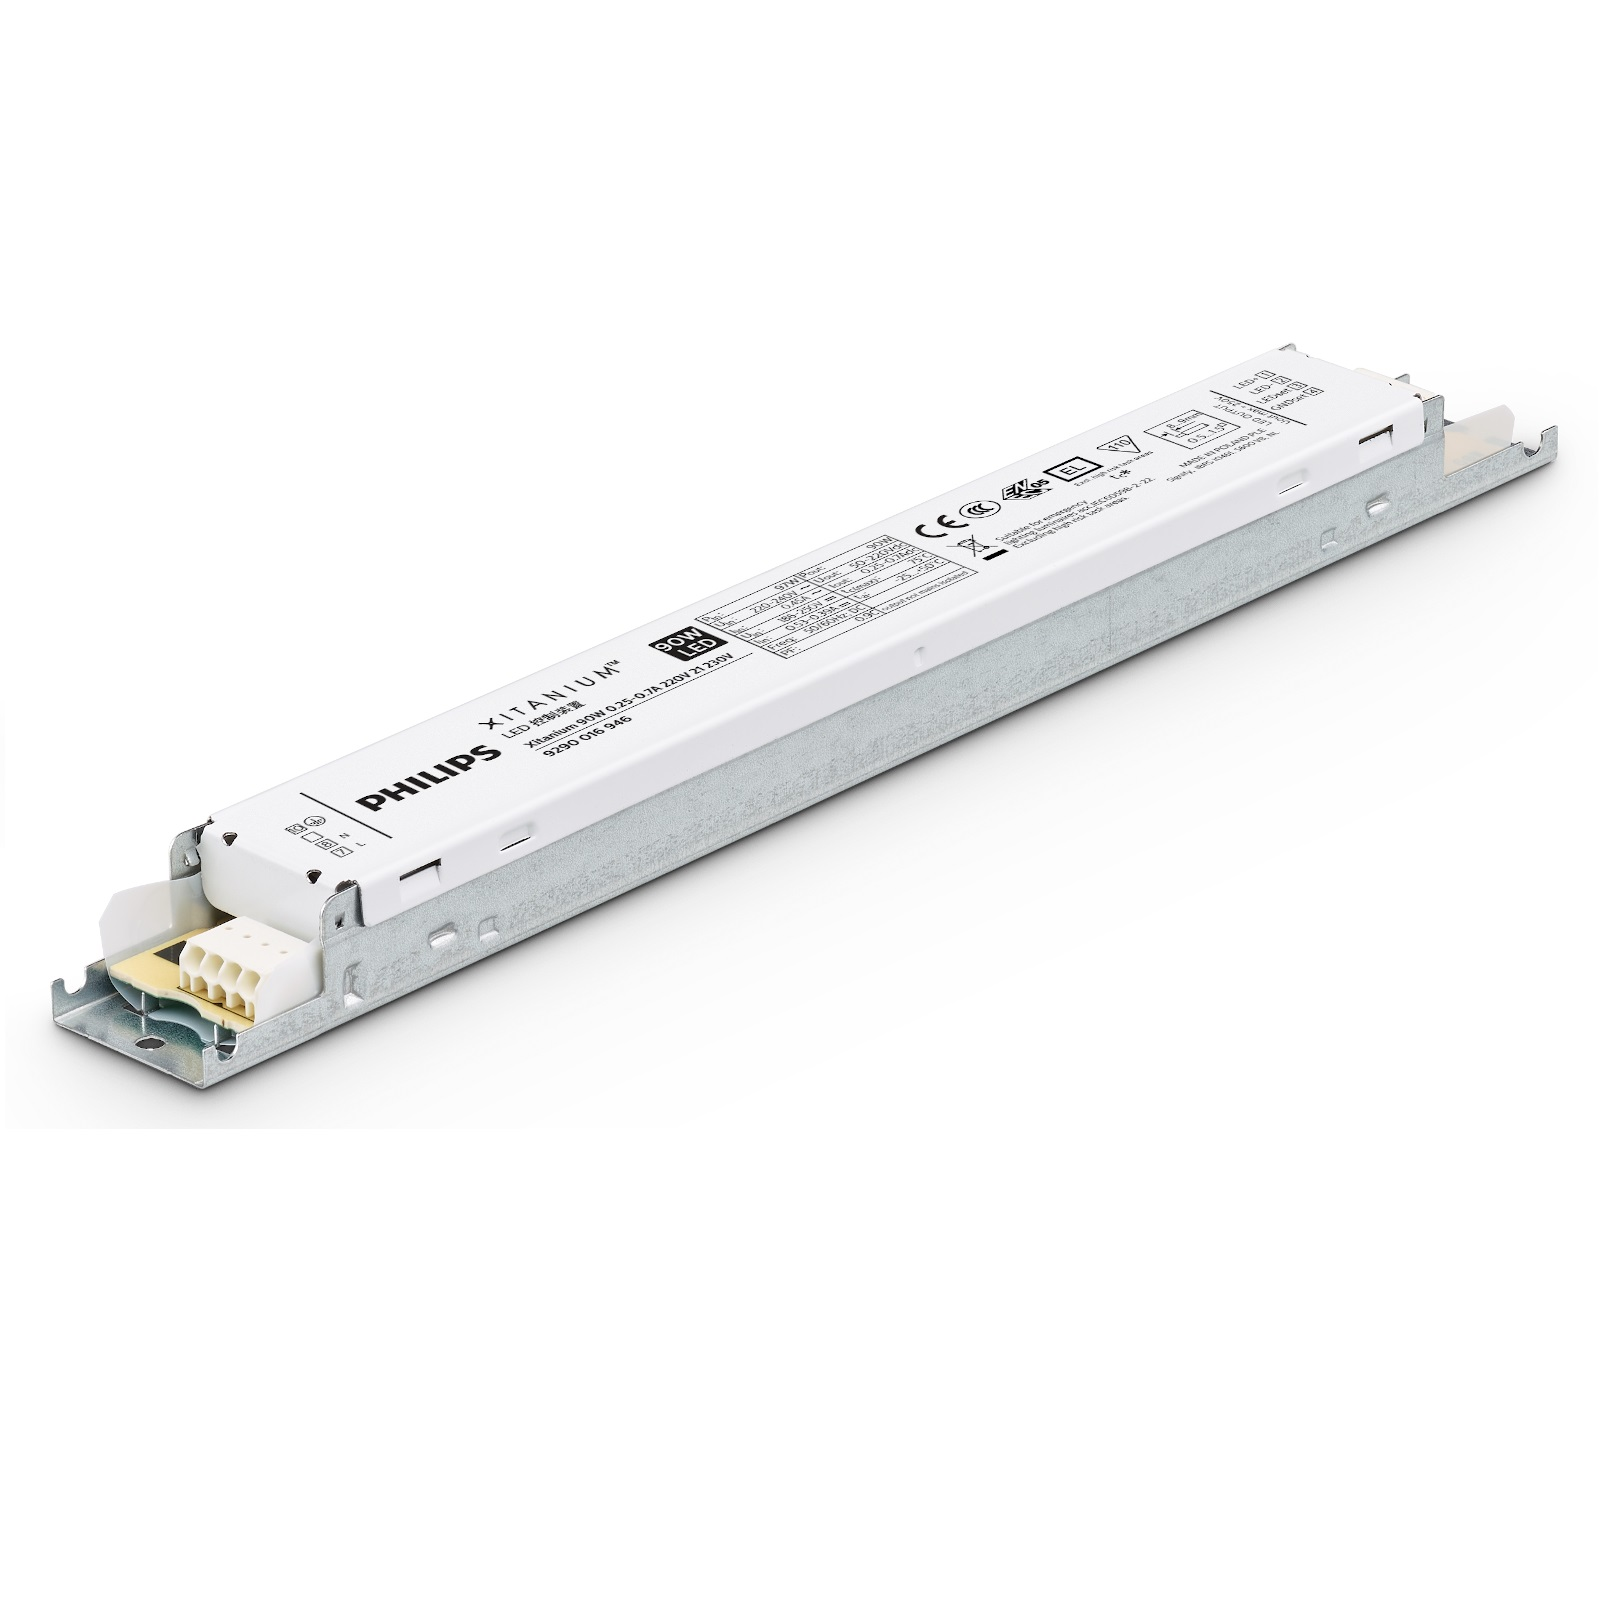 #P929001694606 - Xitanium 90W 0.25-0.7A 220V 21 230V PHILIPS